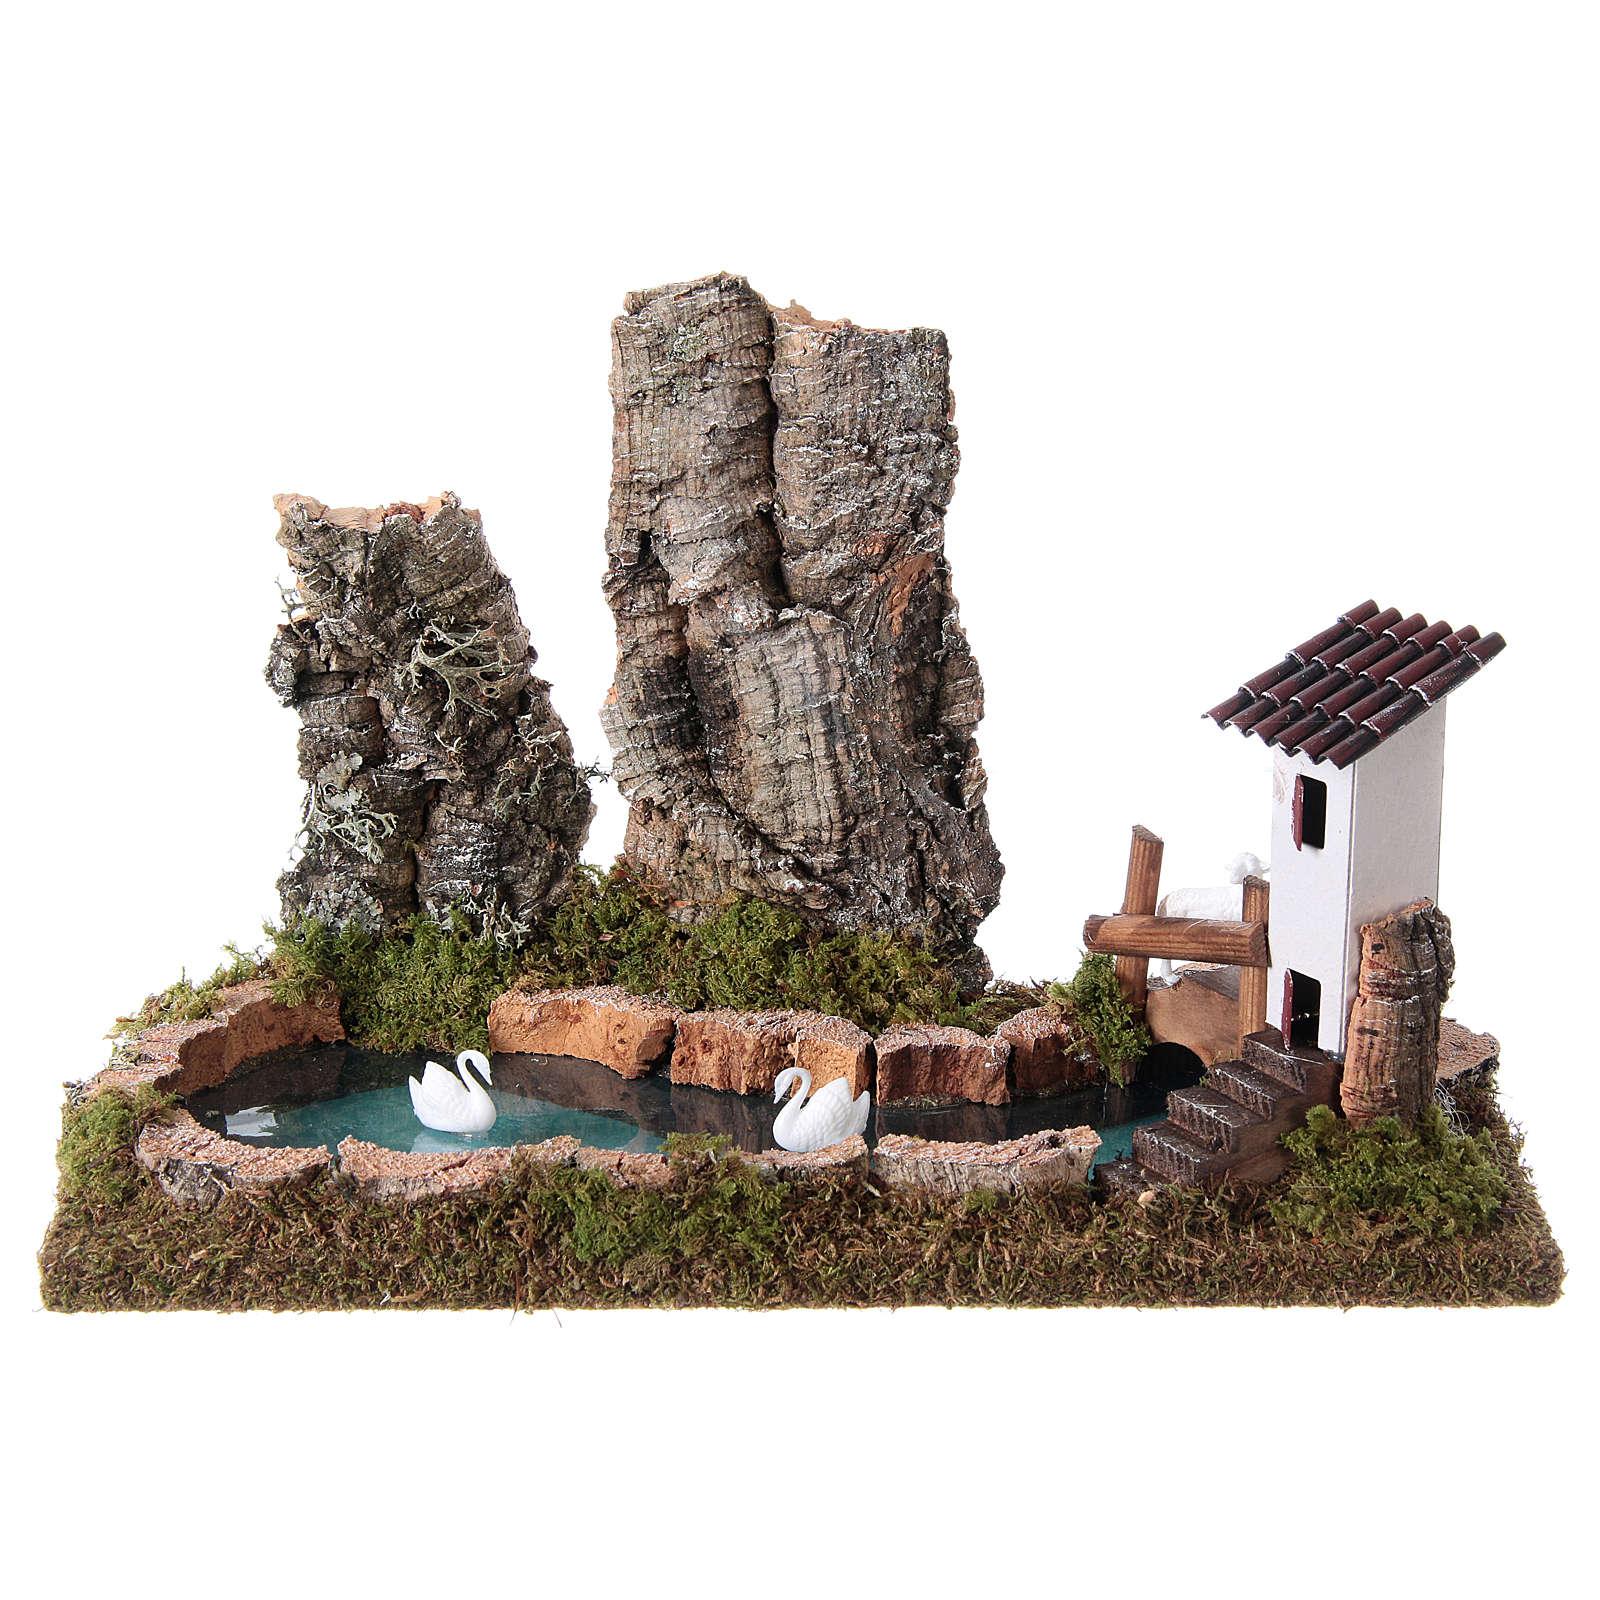 Laghetto presepe con roccia e cigni 4